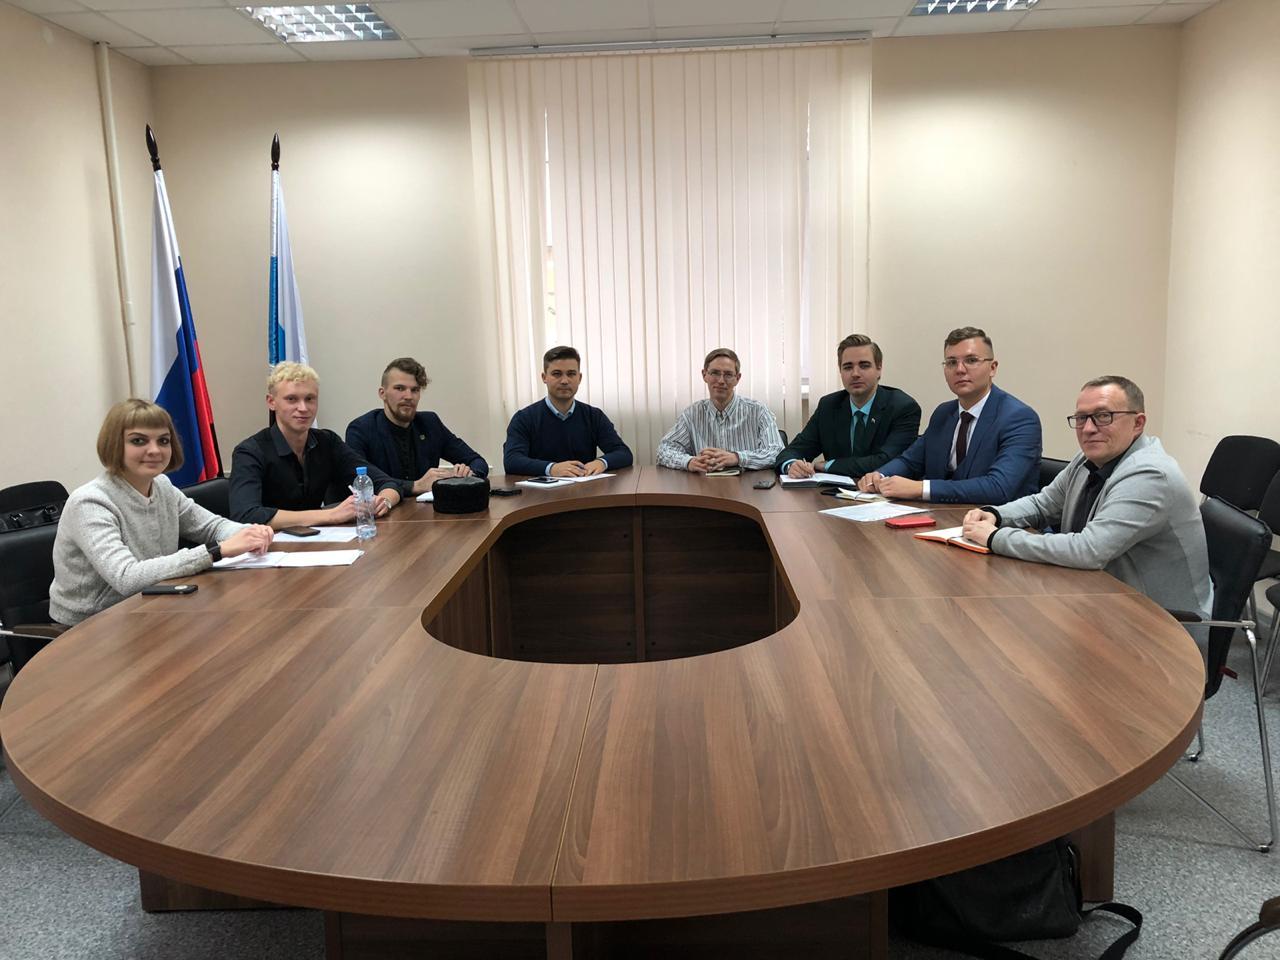 Активисты православного молодежного движения Екатеринбургской епархии стали участниками рабочей группы областной Общественной палаты по развитию добровольчества